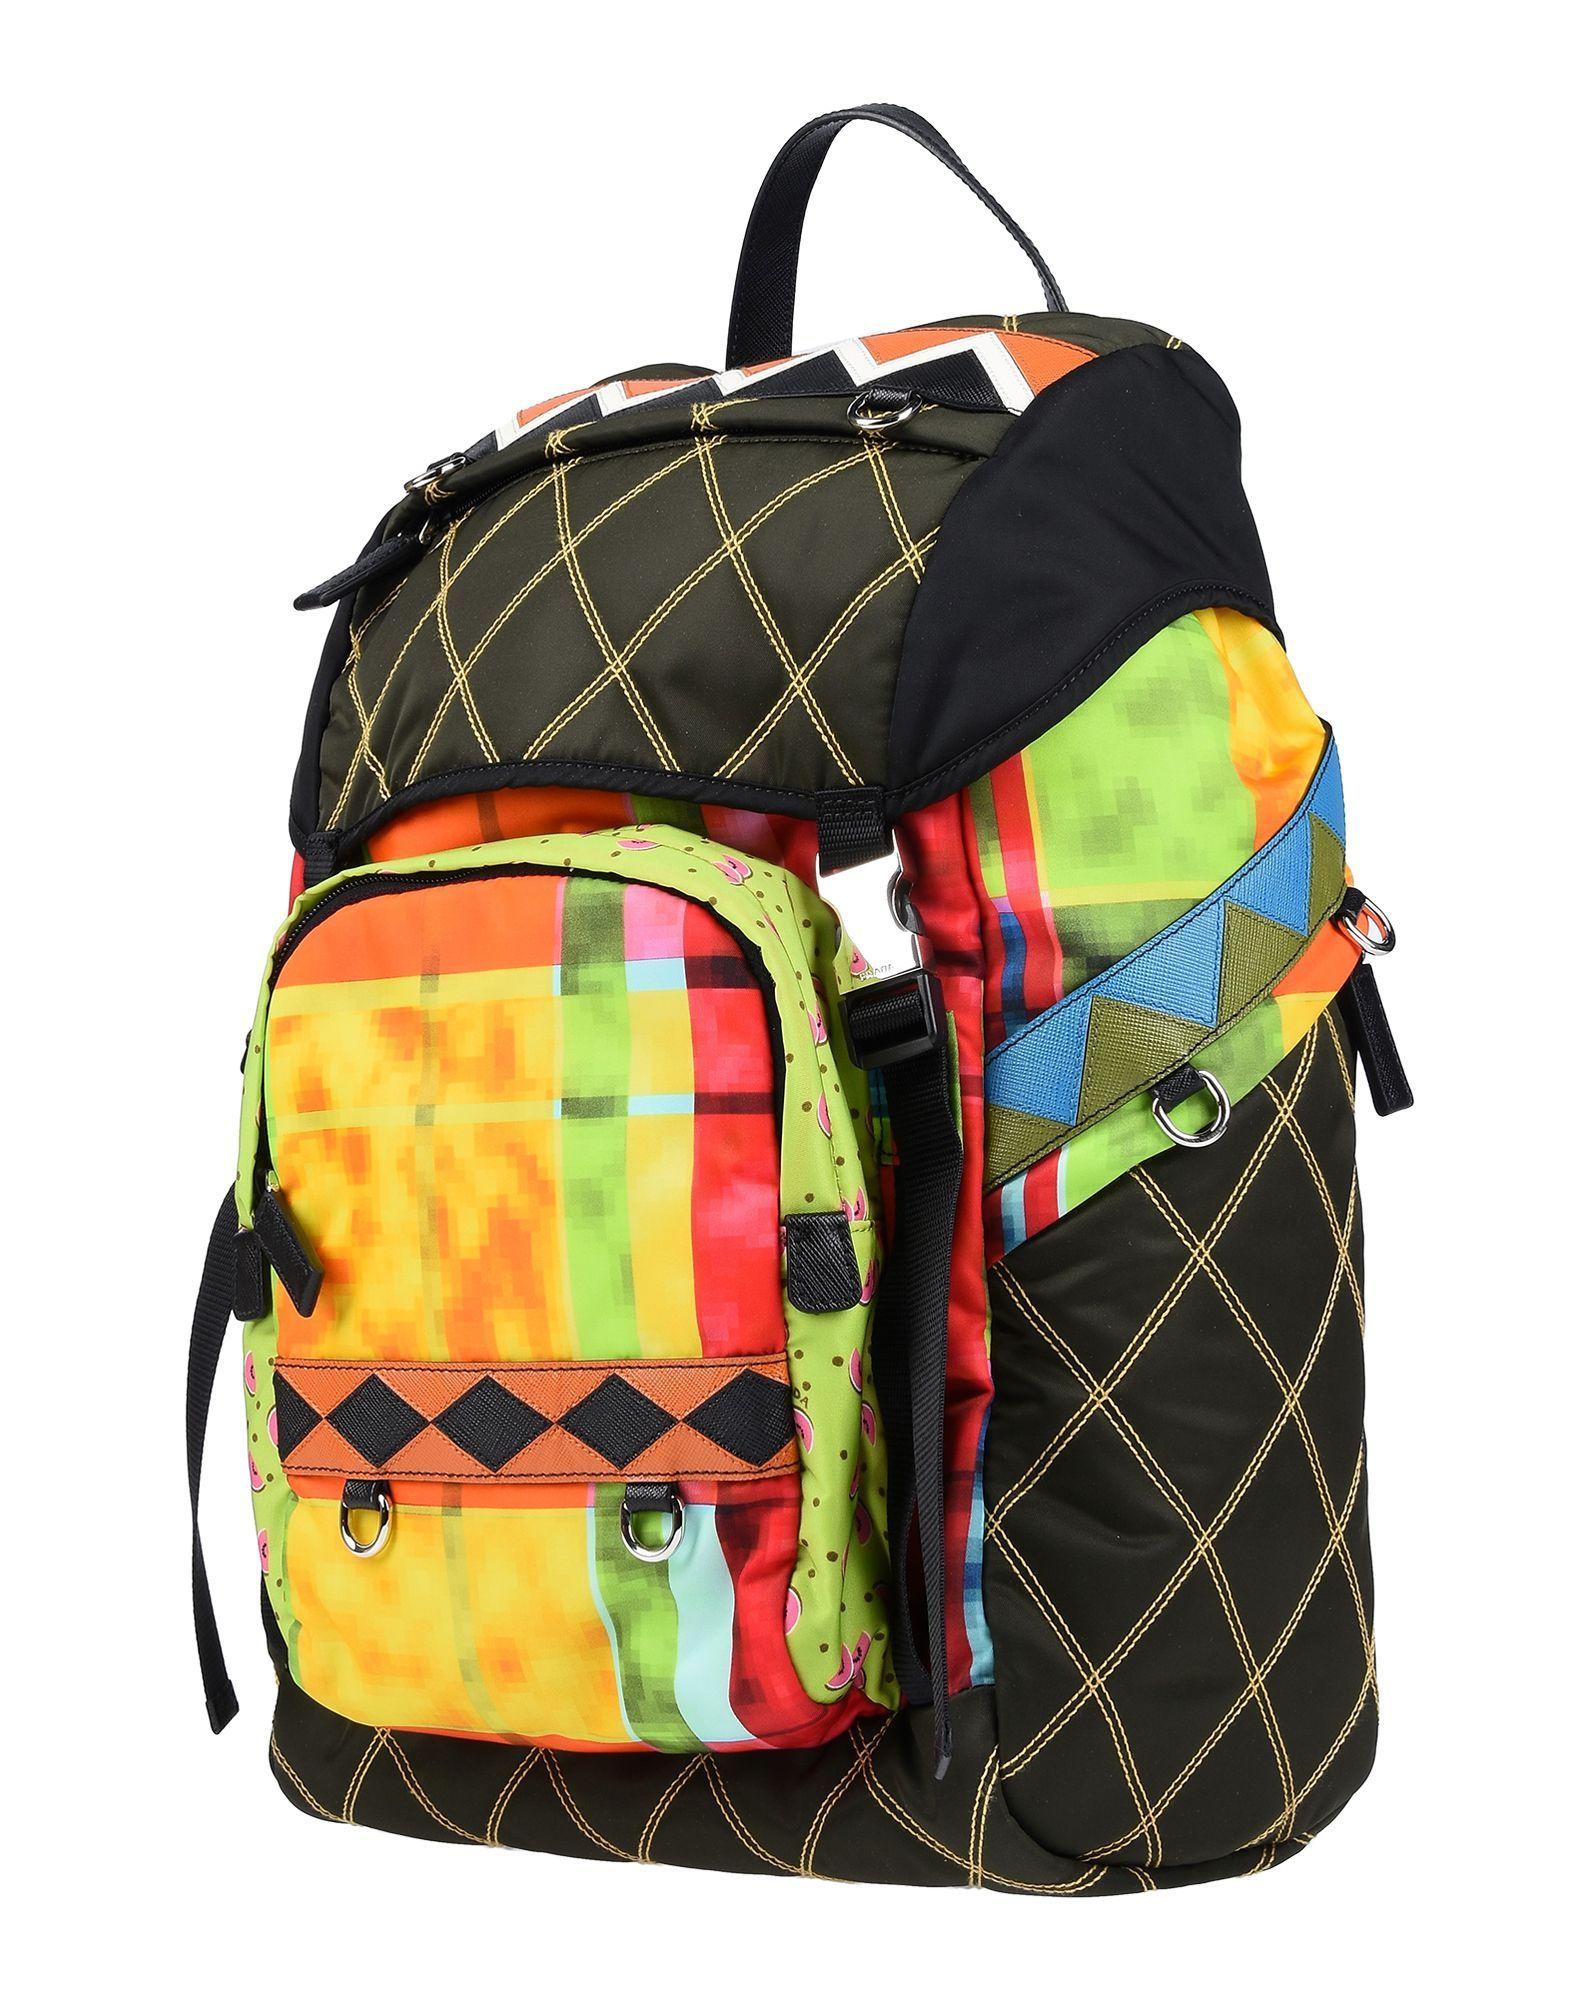 f6db43c6a6 PRADA BACKPACKS & FANNY PACKS. #prada #bags #backpacks | Prada in ...